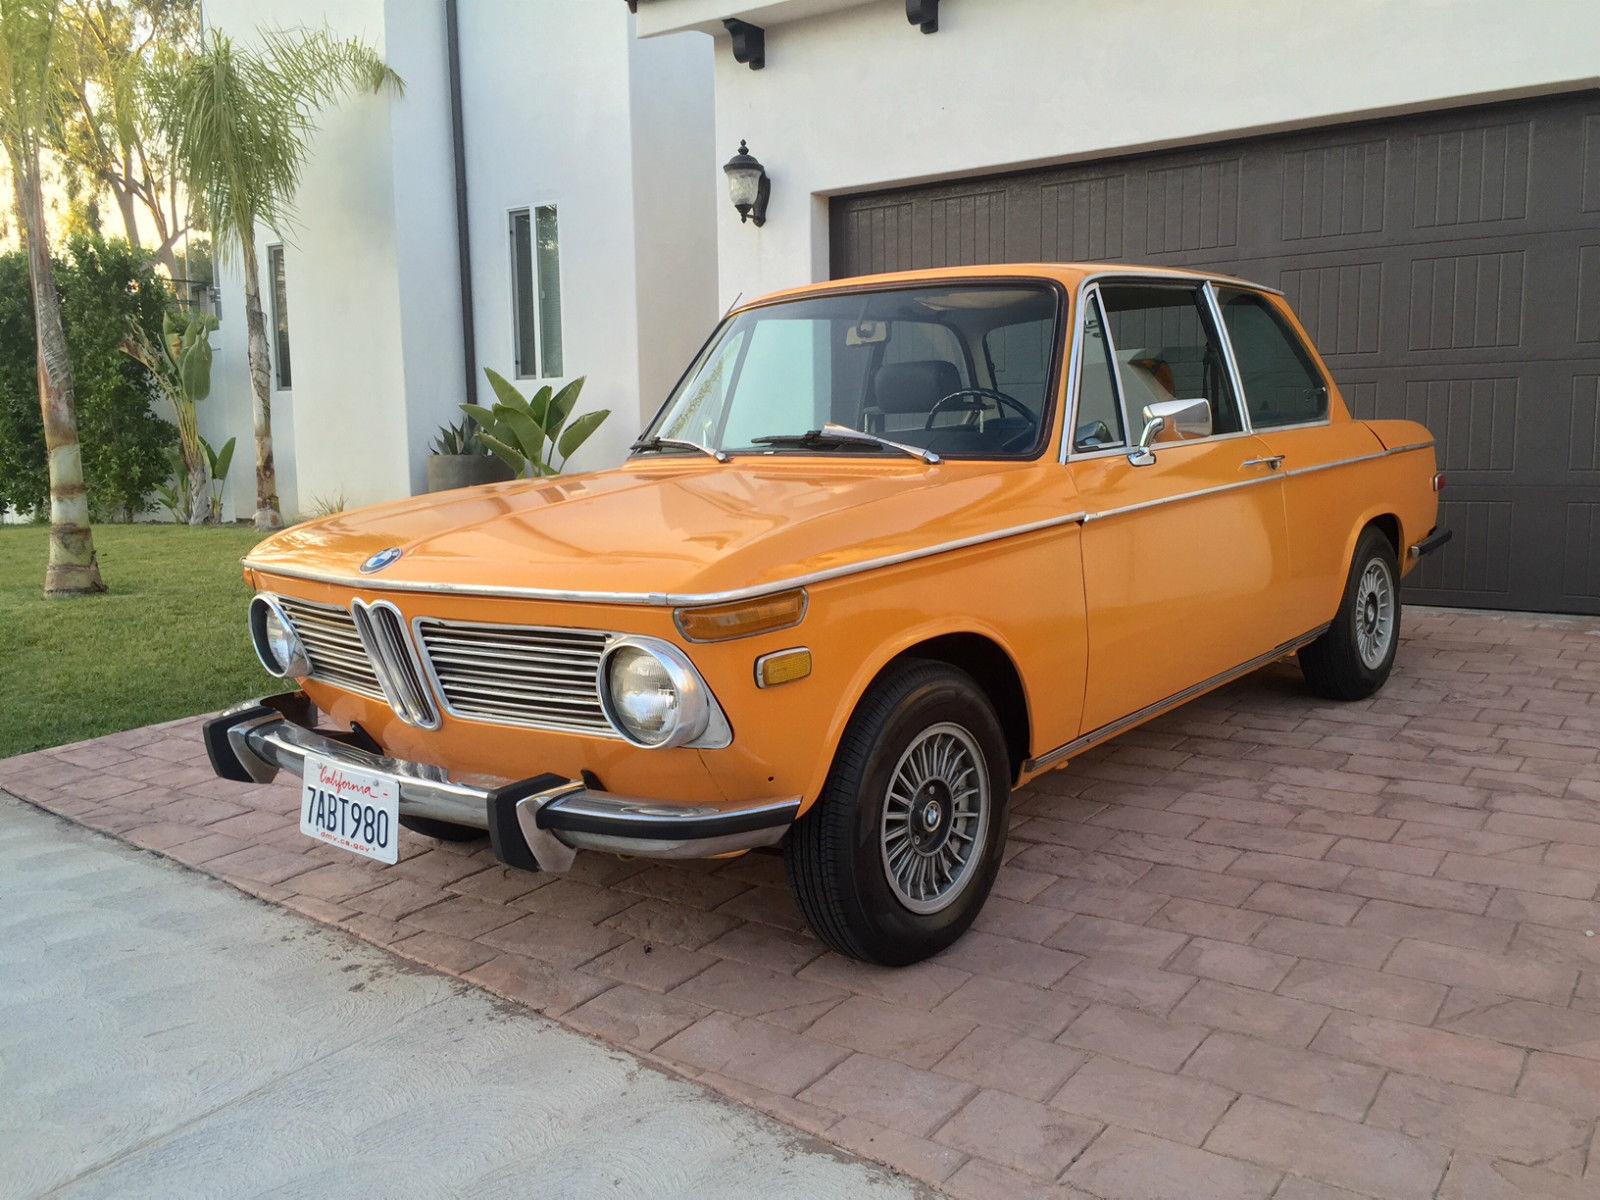 Colorado Orange Bmw 2002 Tii E10 Classic Bmw 2002 1973 For Sale